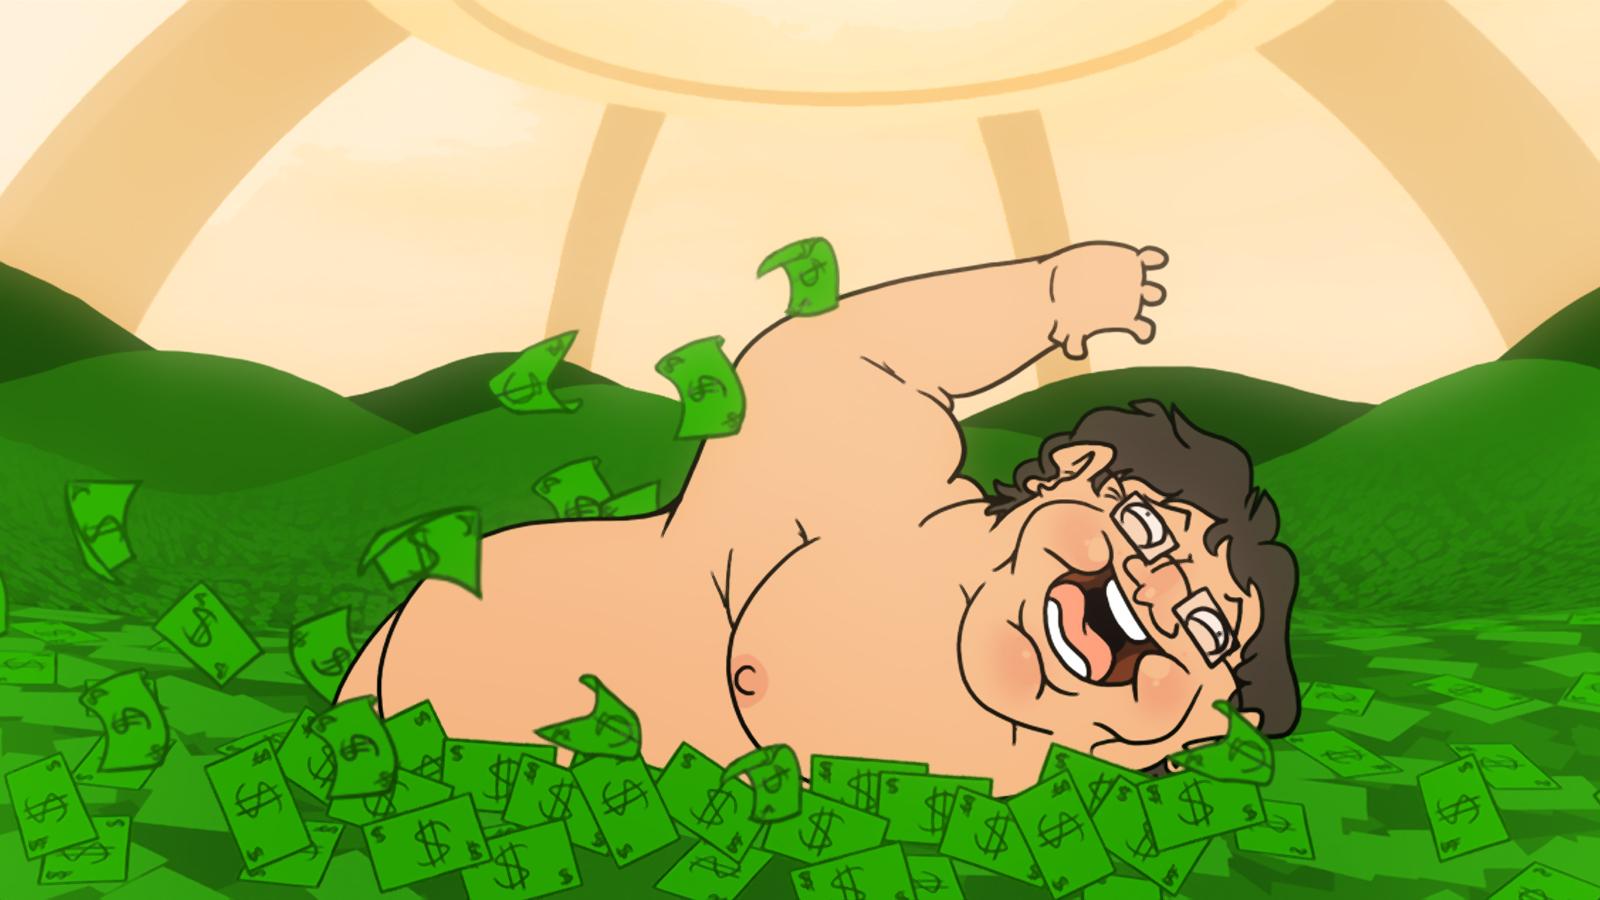 Empezaron las ventas de verano en Steam... DIOS NOS AYUDE [ADIOS DINERO]